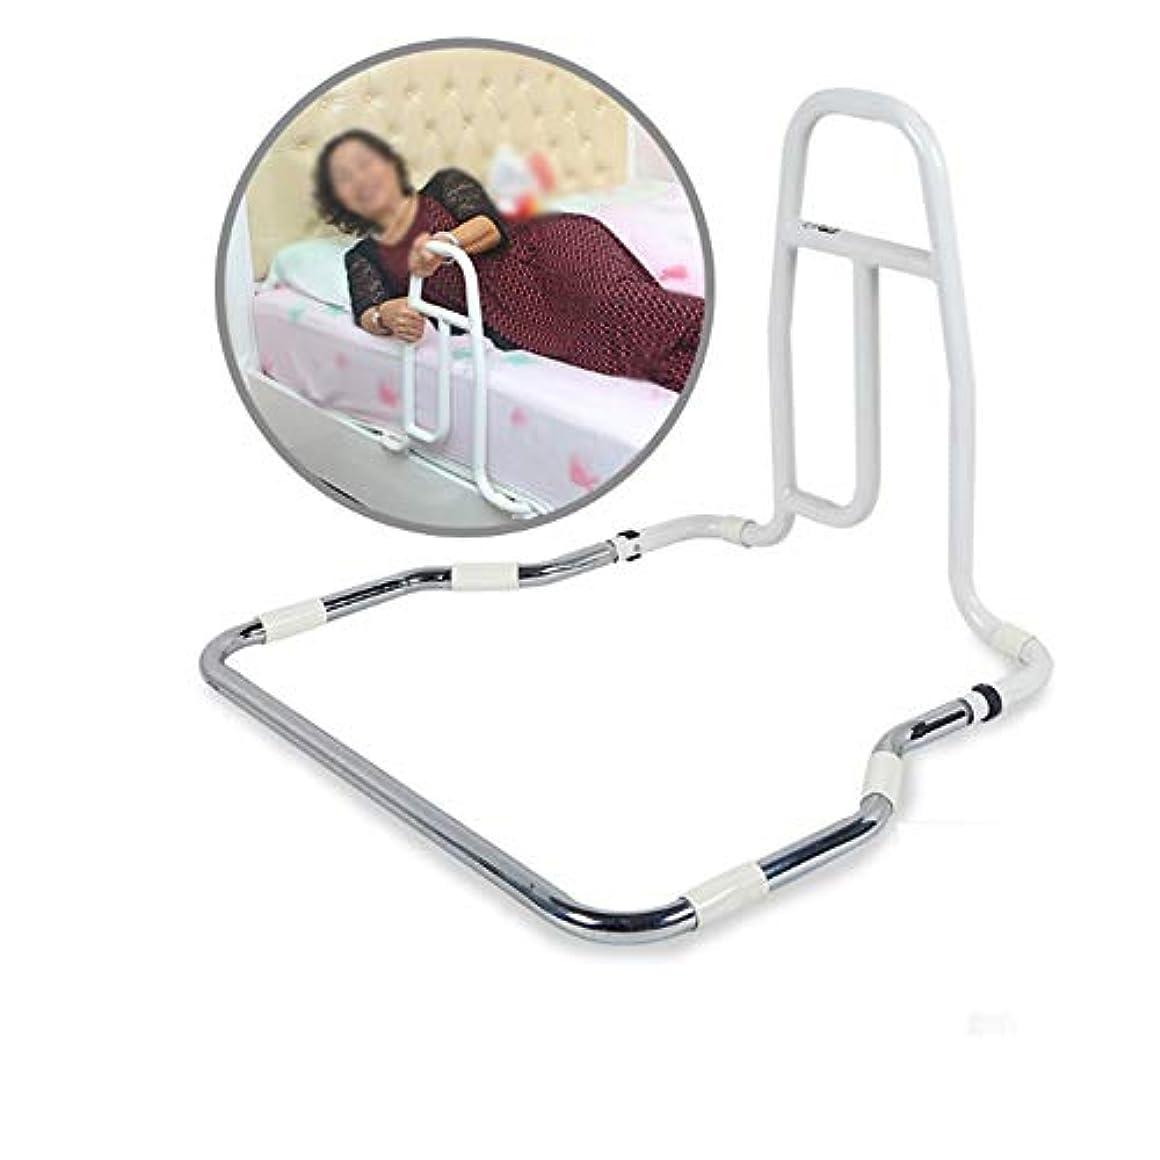 残るなくなる死にかけているベッドグラブレール、安全な高さ調節可能なレール、ベッドの出入りを支援、安定補助具、高齢者用、身体障害者、障害者、ディバンベッドグラブハンドル